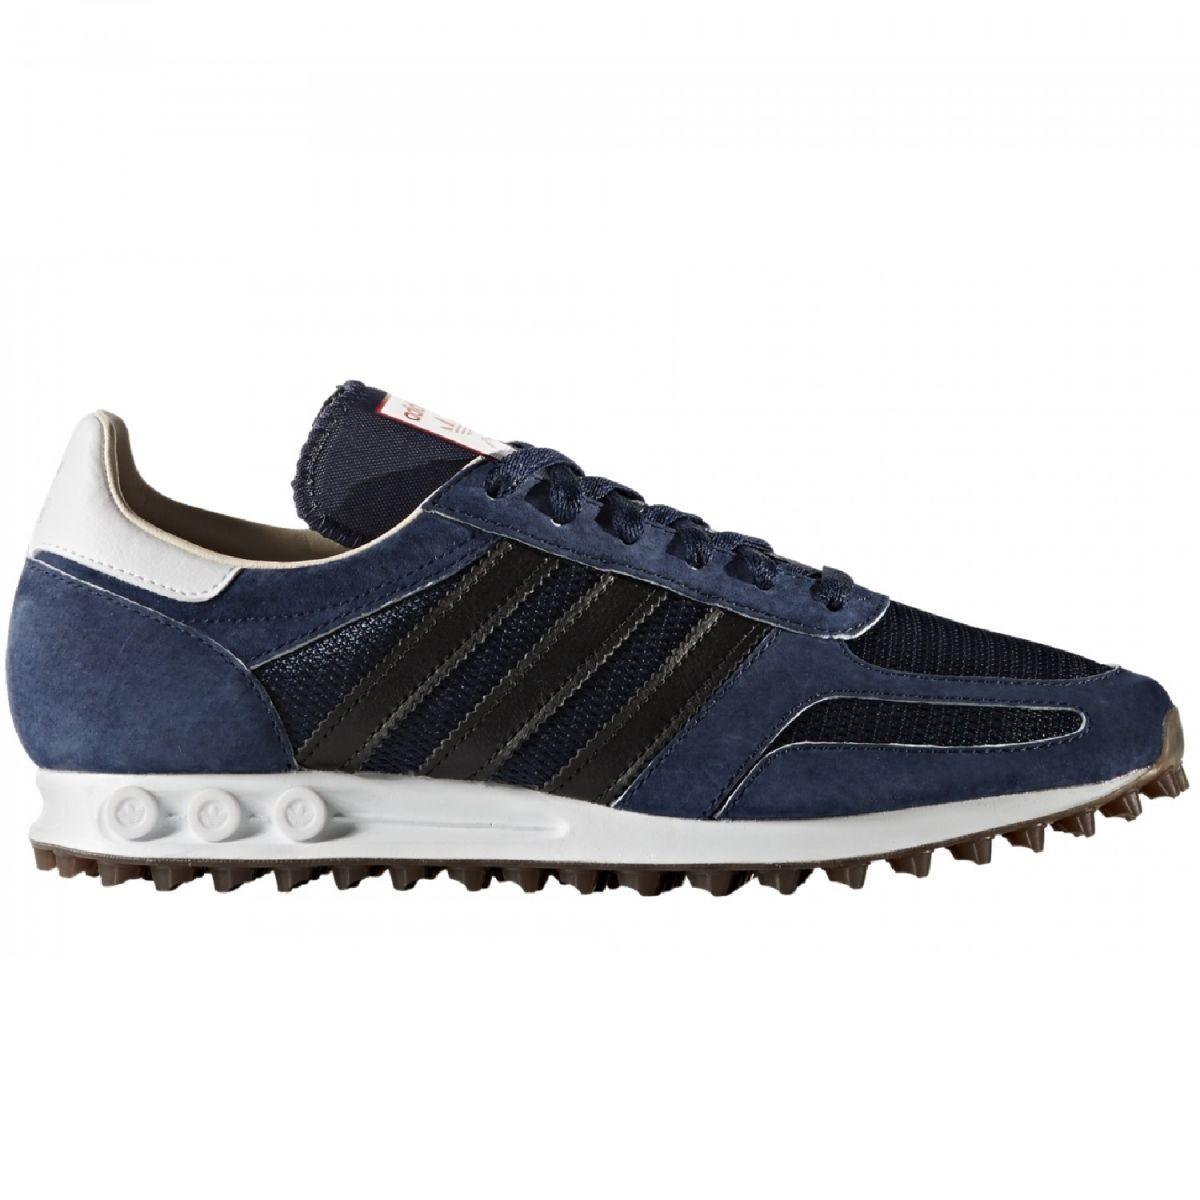 adidas originals la trainer og sneaker herren schuhe blau. Black Bedroom Furniture Sets. Home Design Ideas